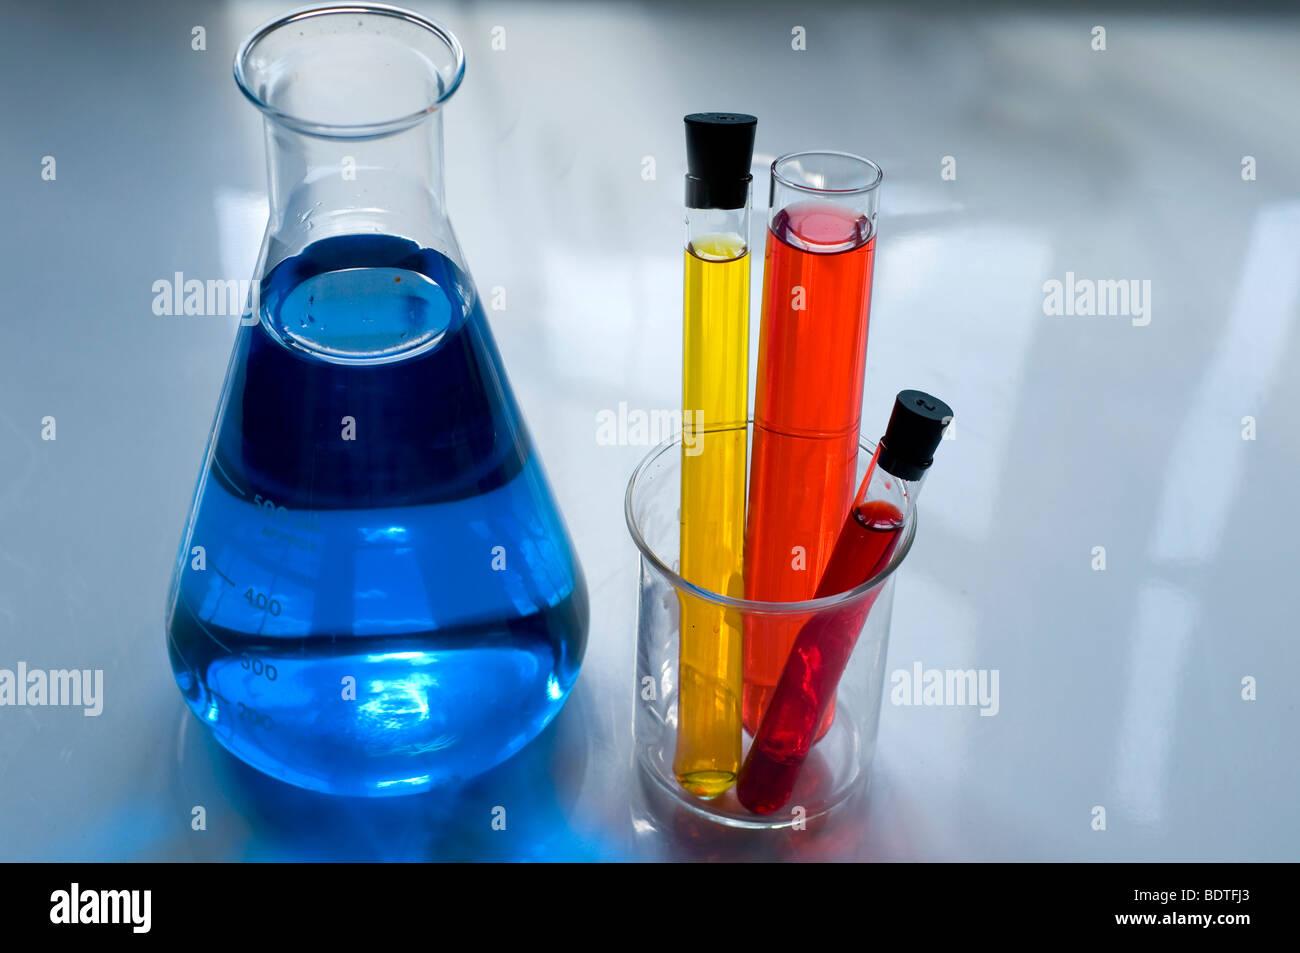 Colección de equipos de laboratorio incluyendo vasos de precipitado y matraces Imagen De Stock